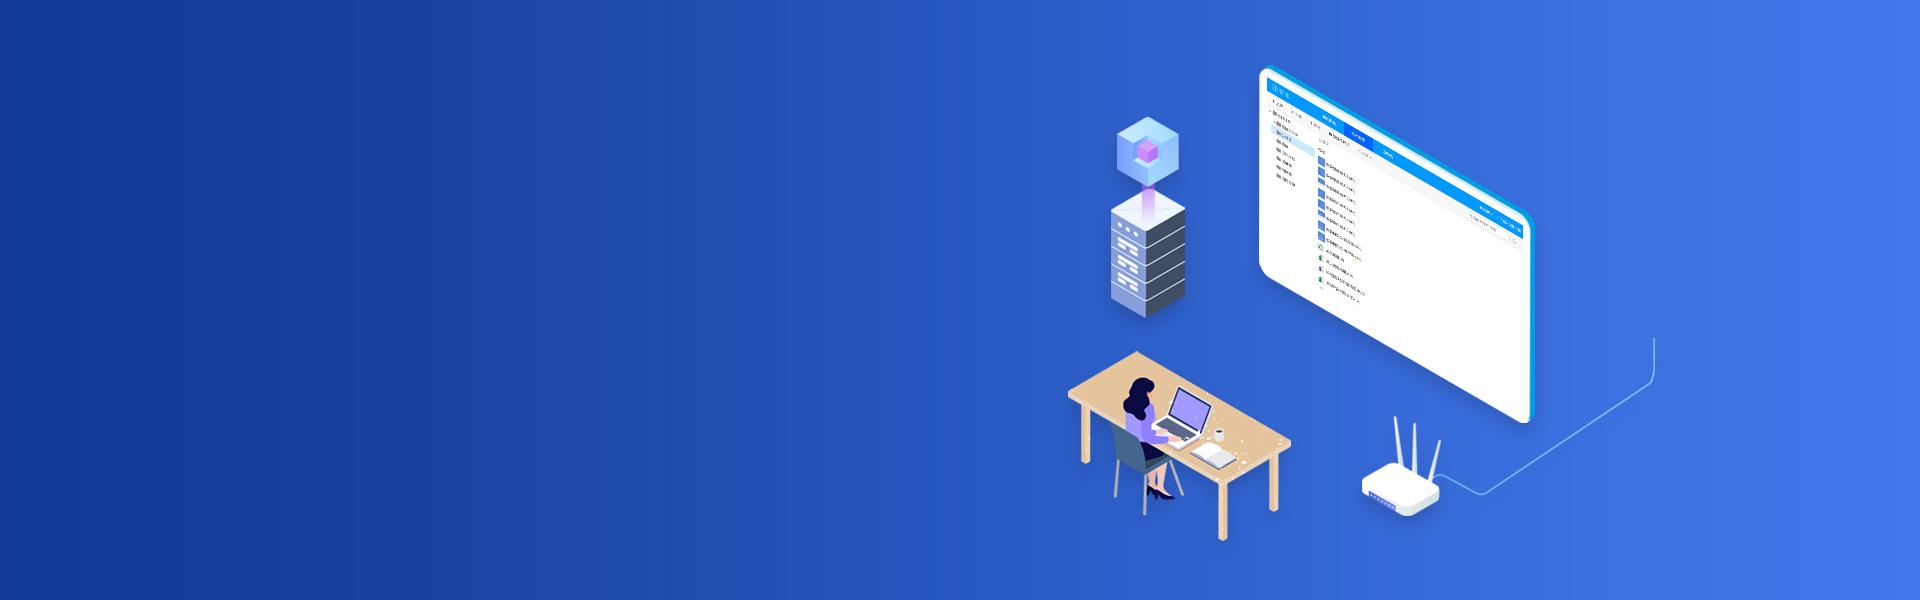 悦库是灵活的文件管理软件